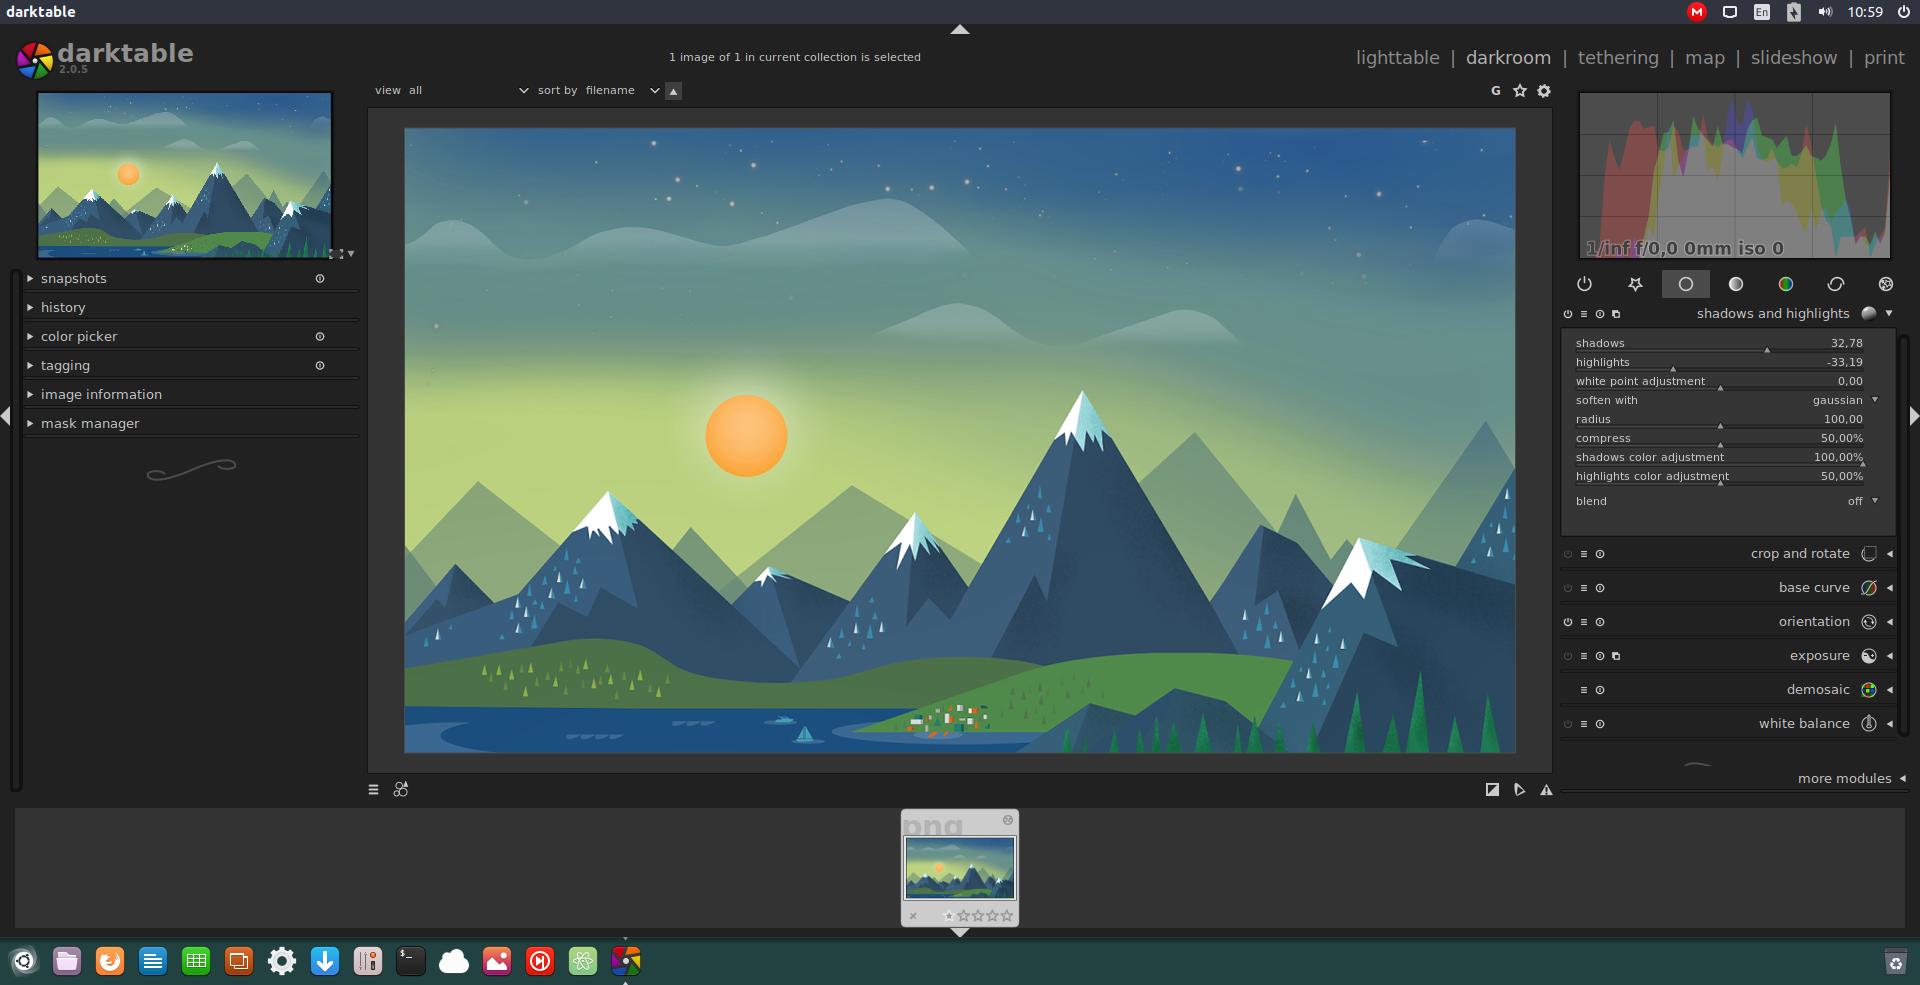 darktable on ubuntu 16.10.png